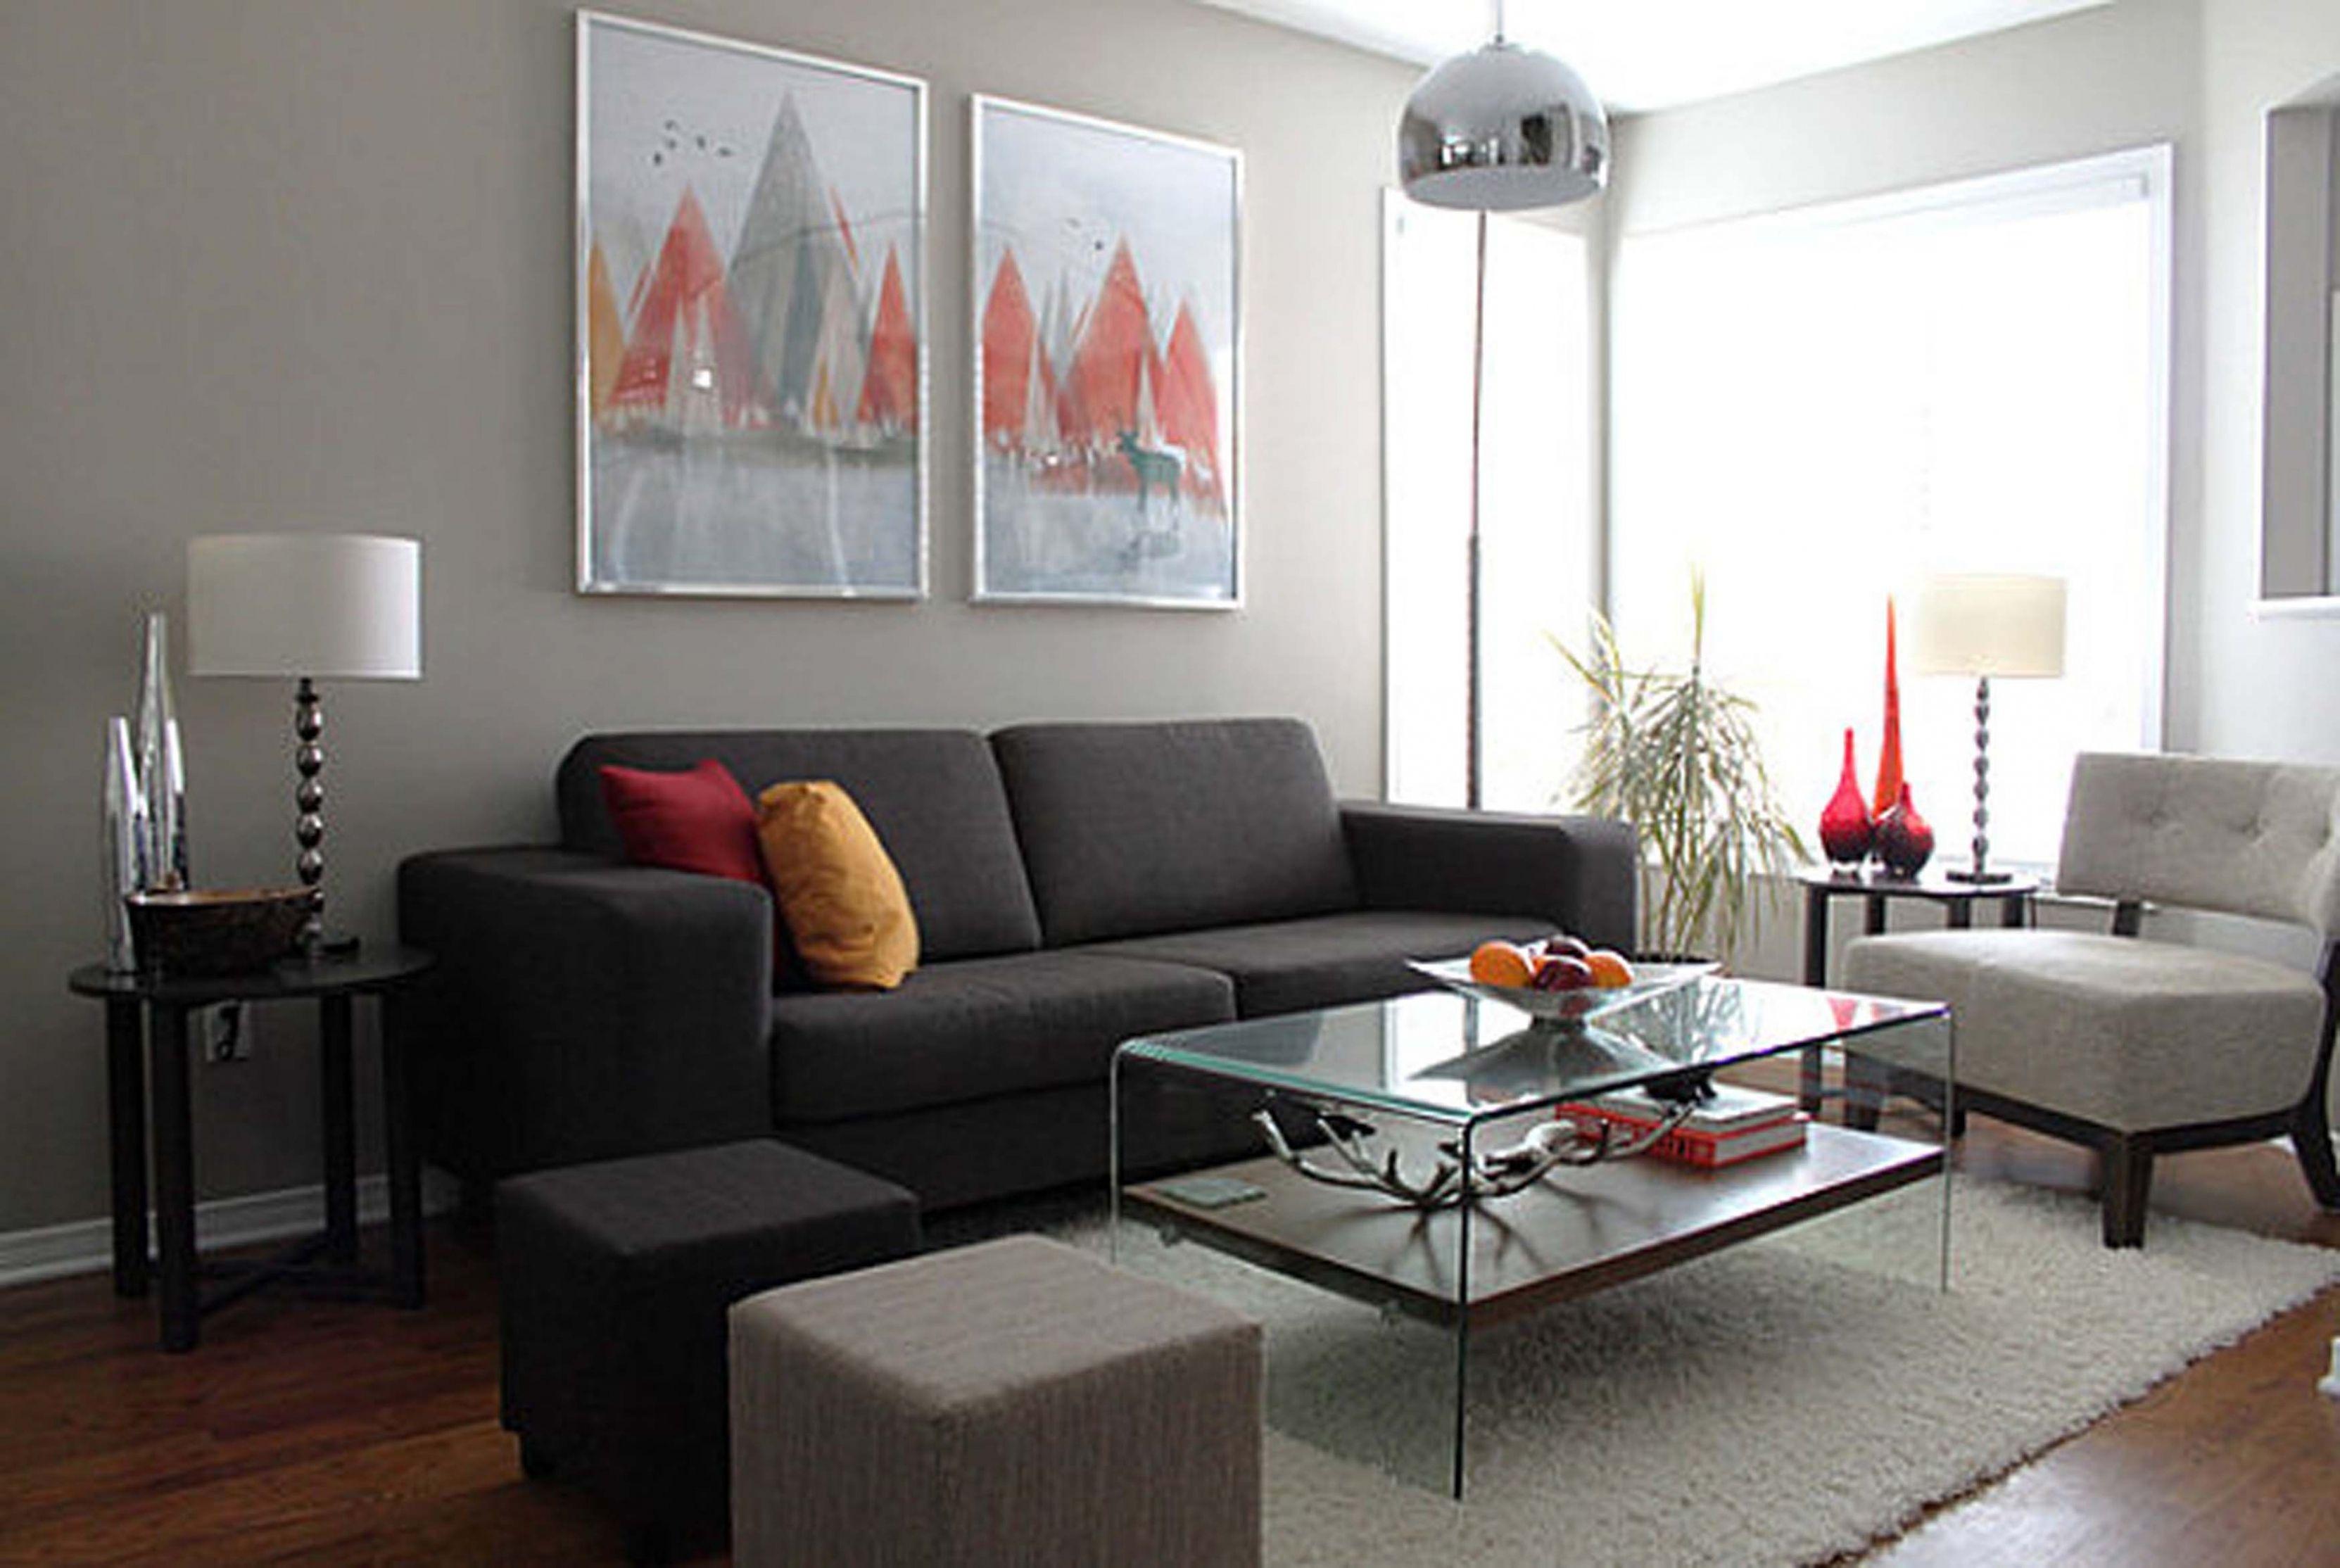 AuBergewohnlich Wunderschöne Wohnzimmer Ideen Graues Sofa